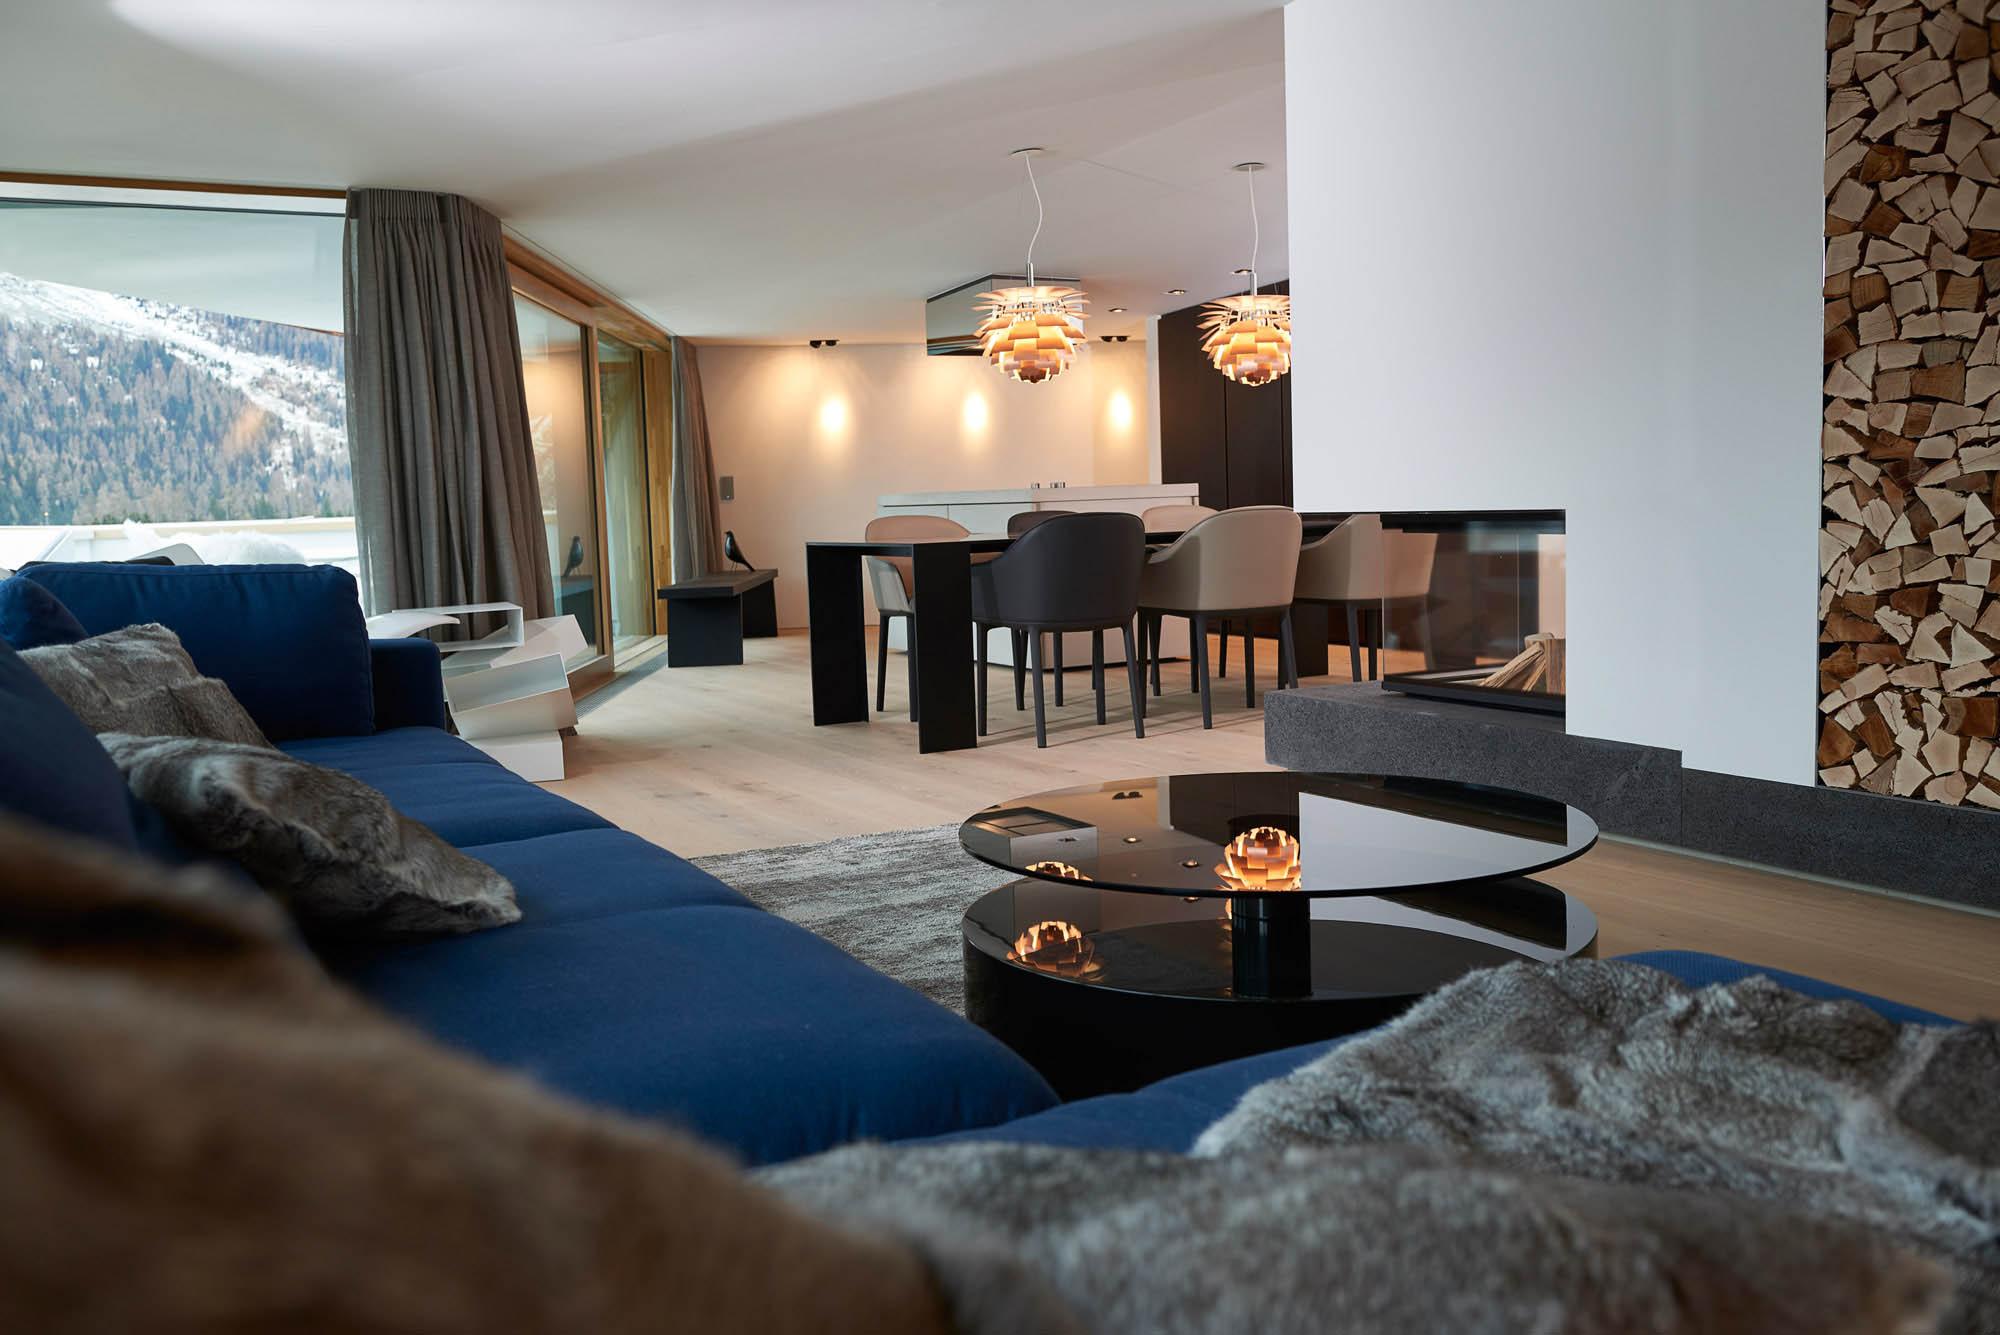 OPC 151128 0339 - Penthouse St. Moritz: Frisch eingerichtet, frisch abgelichtet